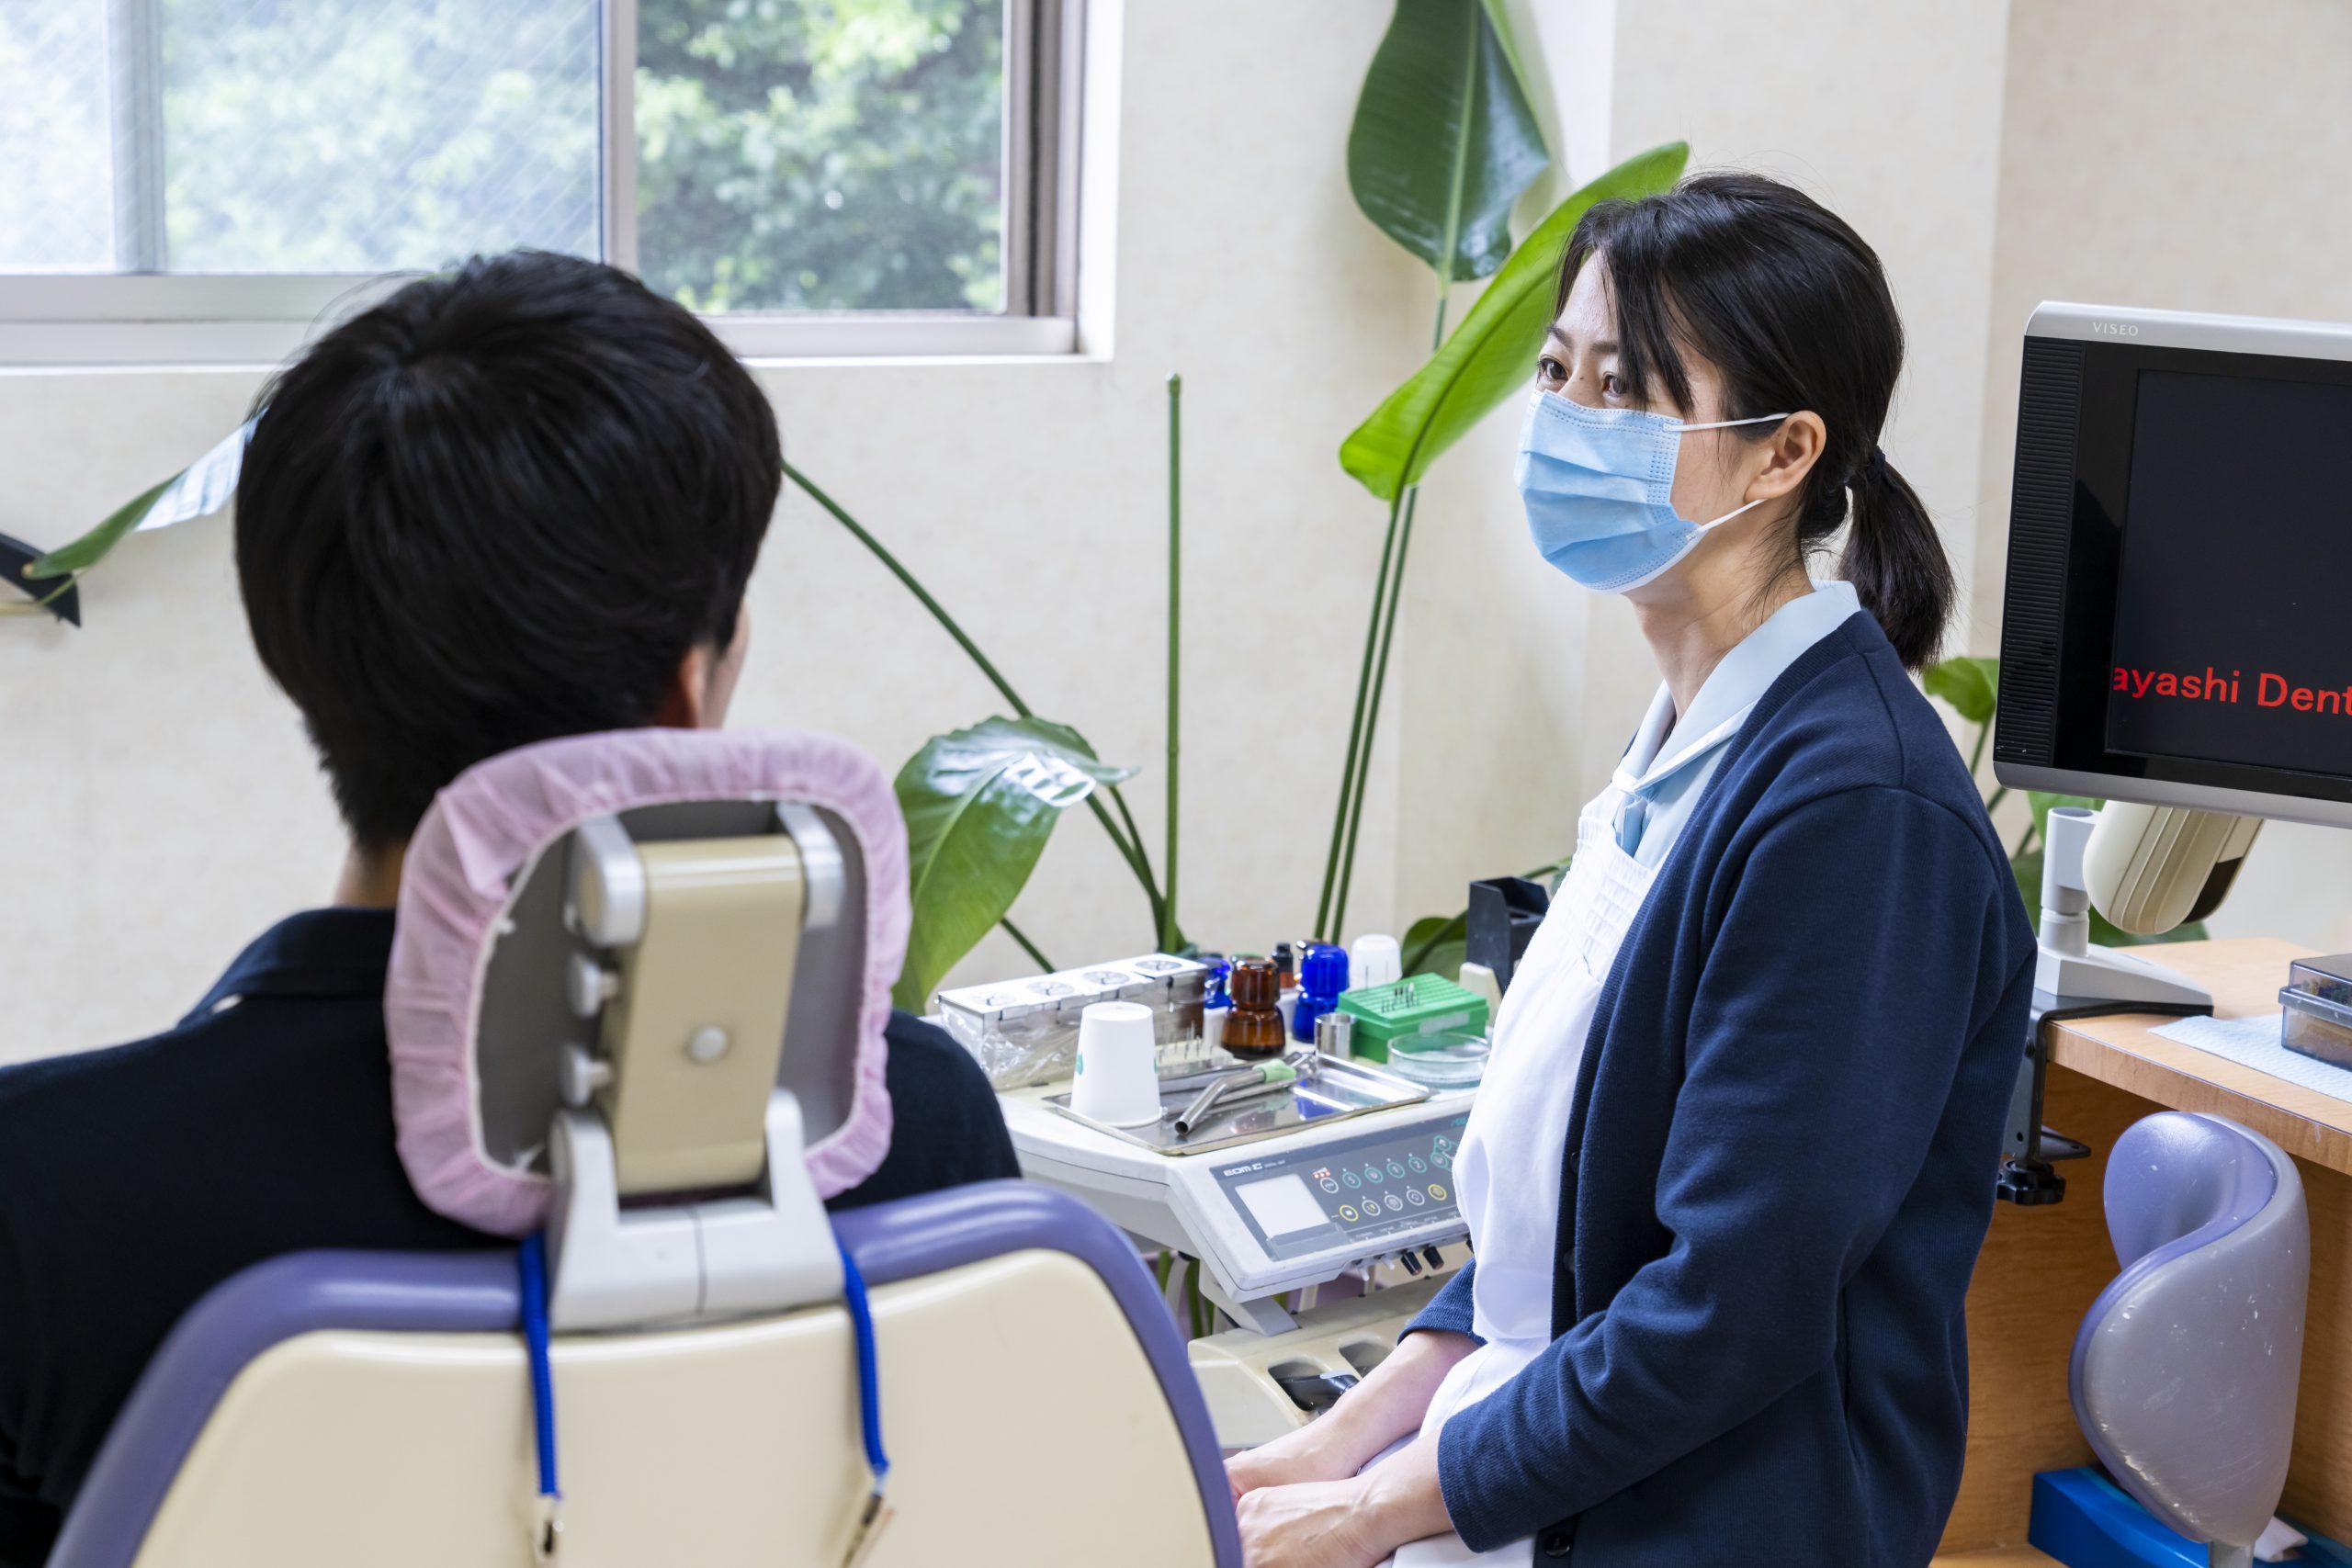 定期検診を受けて虫歯や歯周病を早期に発見